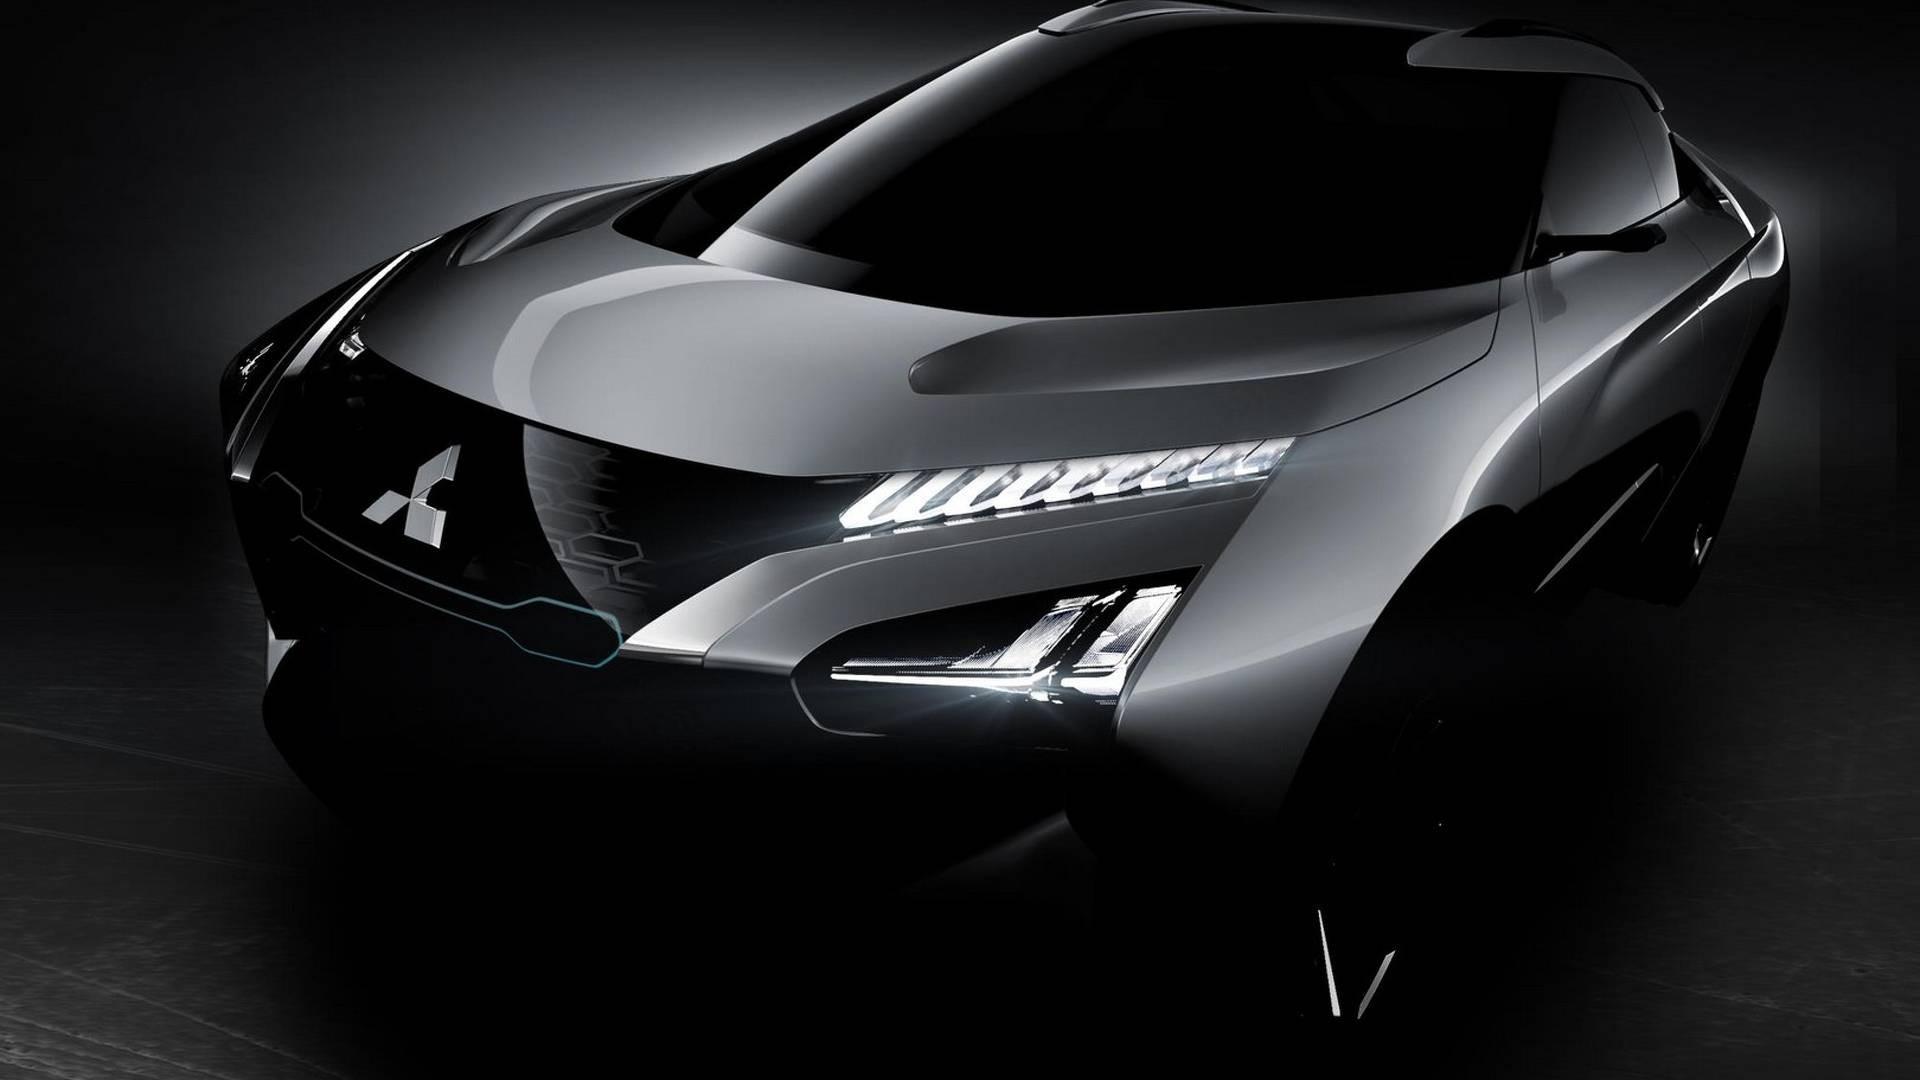 Электрический кроссовер Митцубиси e-Evolution впервый раз покажут наТокийском автомобильном салоне